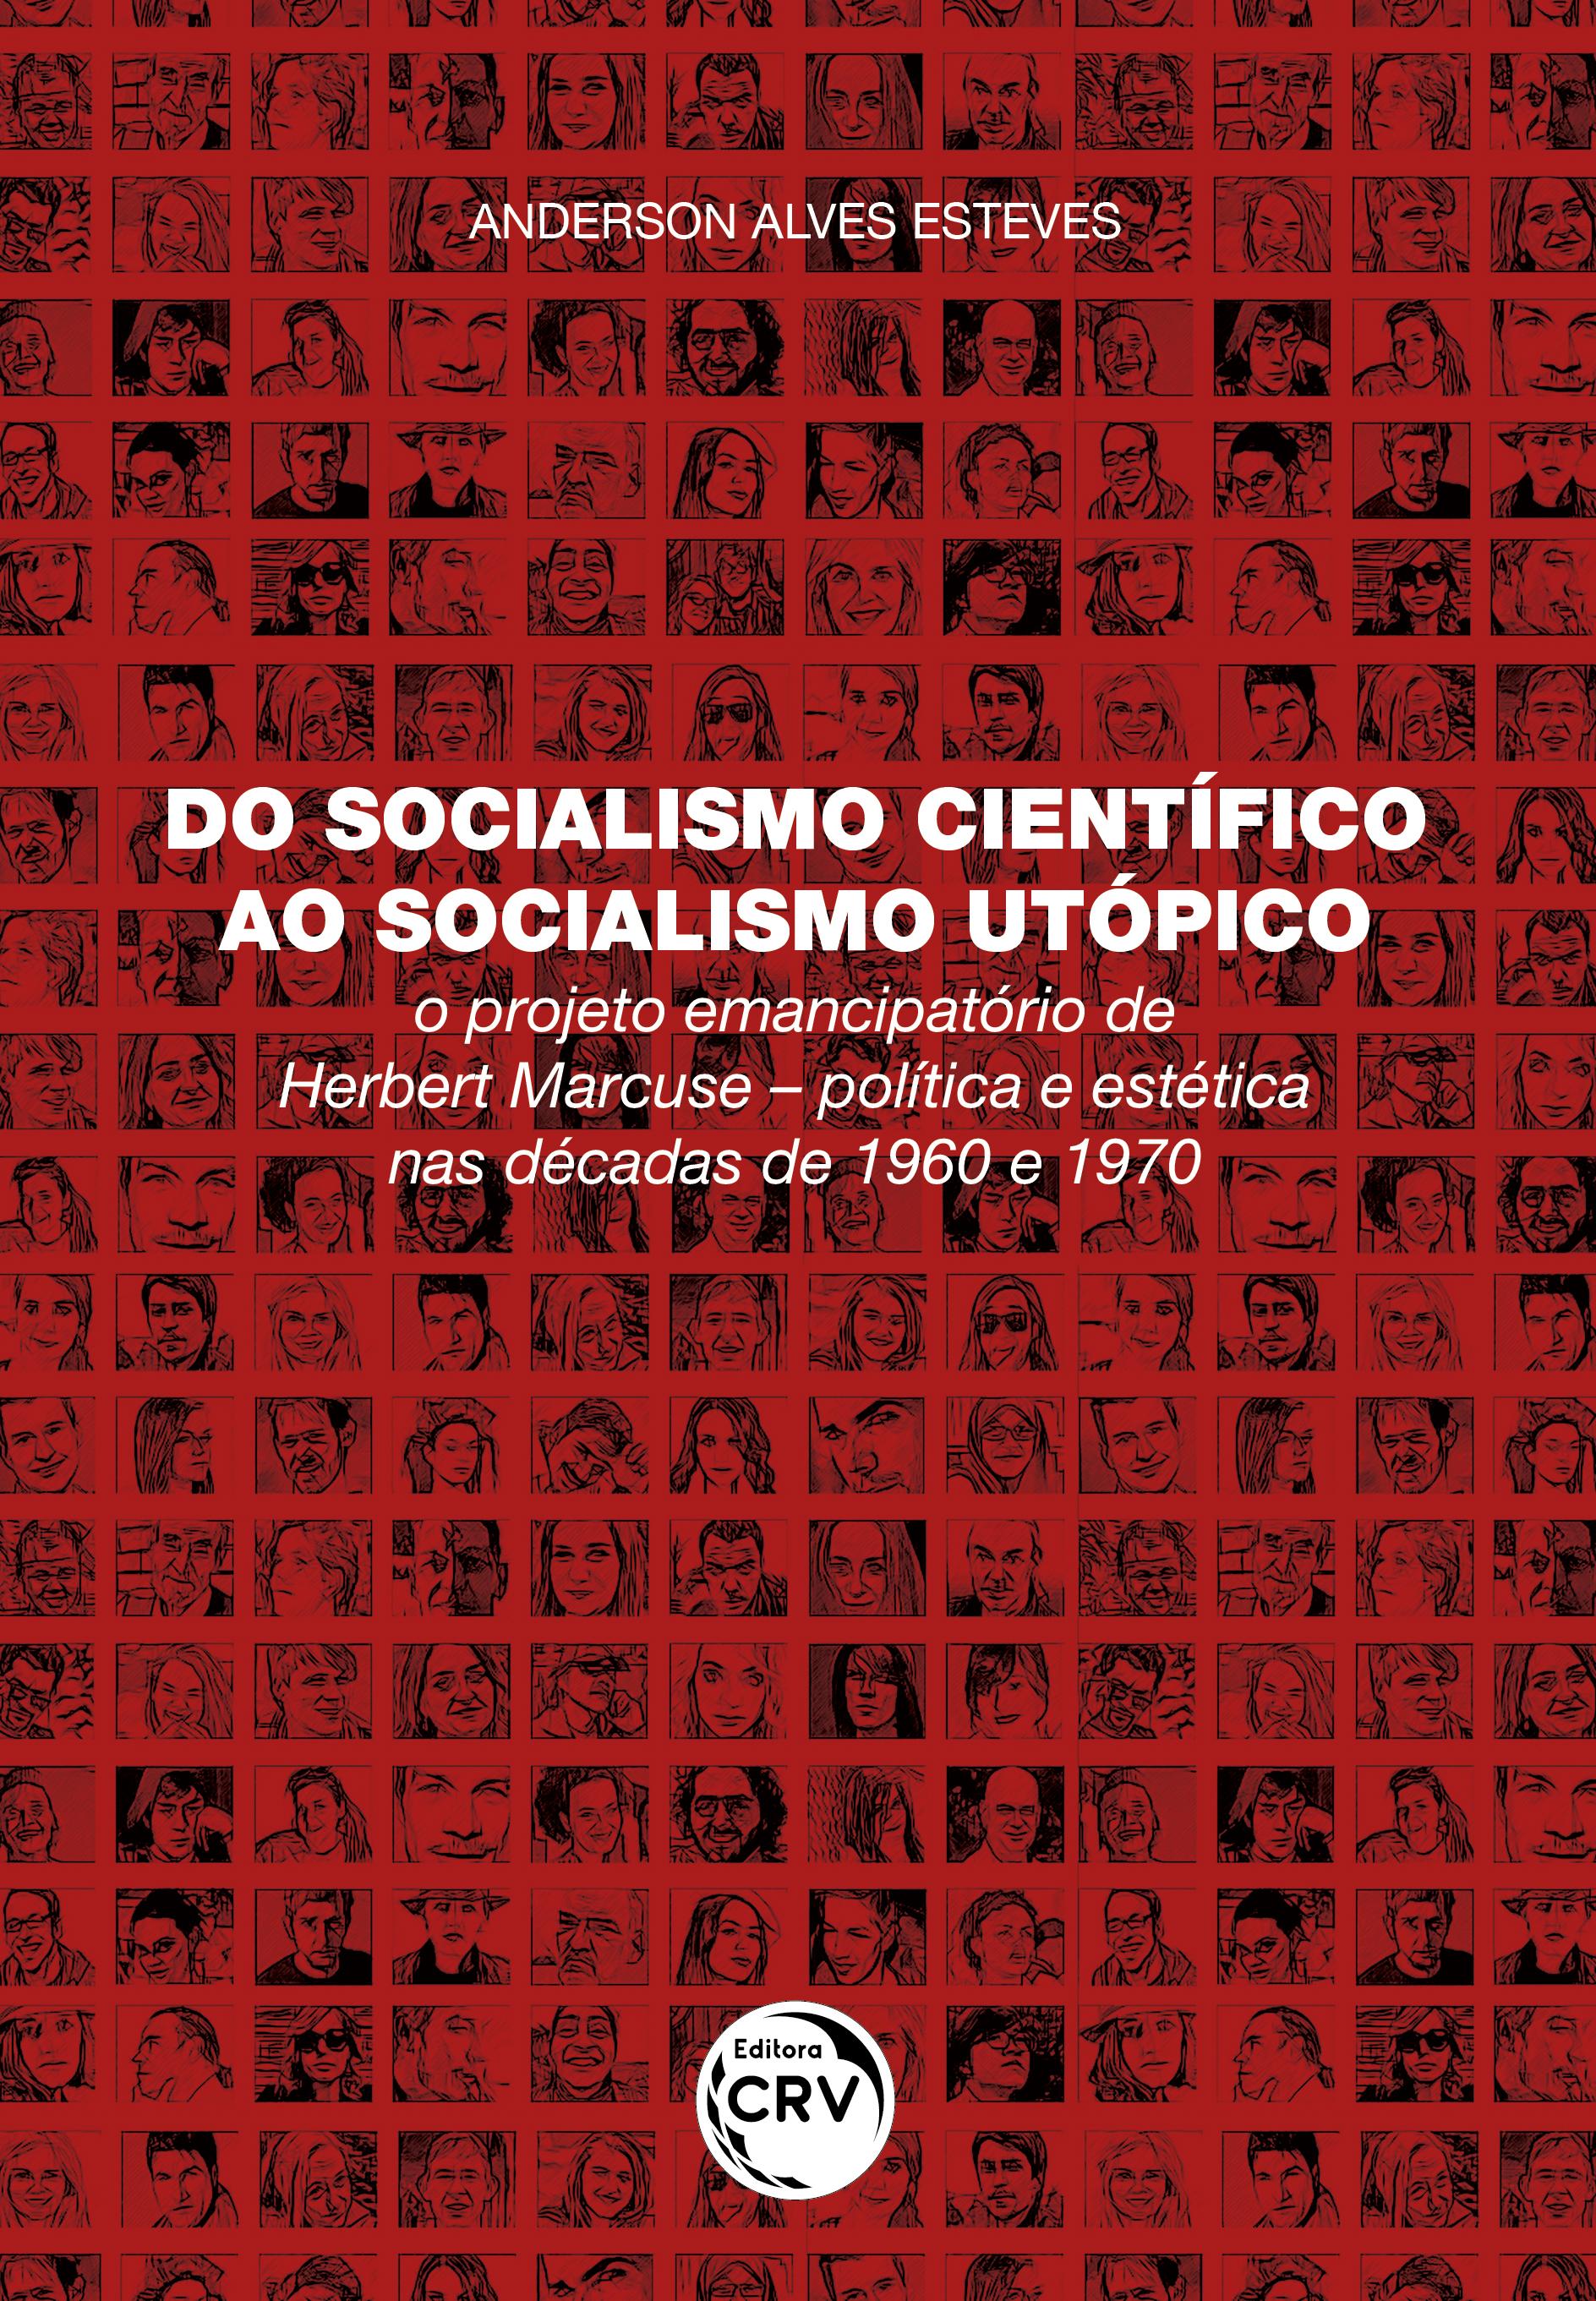 Capa do livro: DO SOCIALISMO CIENTÍFICO AO SOCIALISMO UTÓPICO: <br>o projeto emancipatório de Herbert Marcuse – política e estética nas décadas de 1960 e 1970